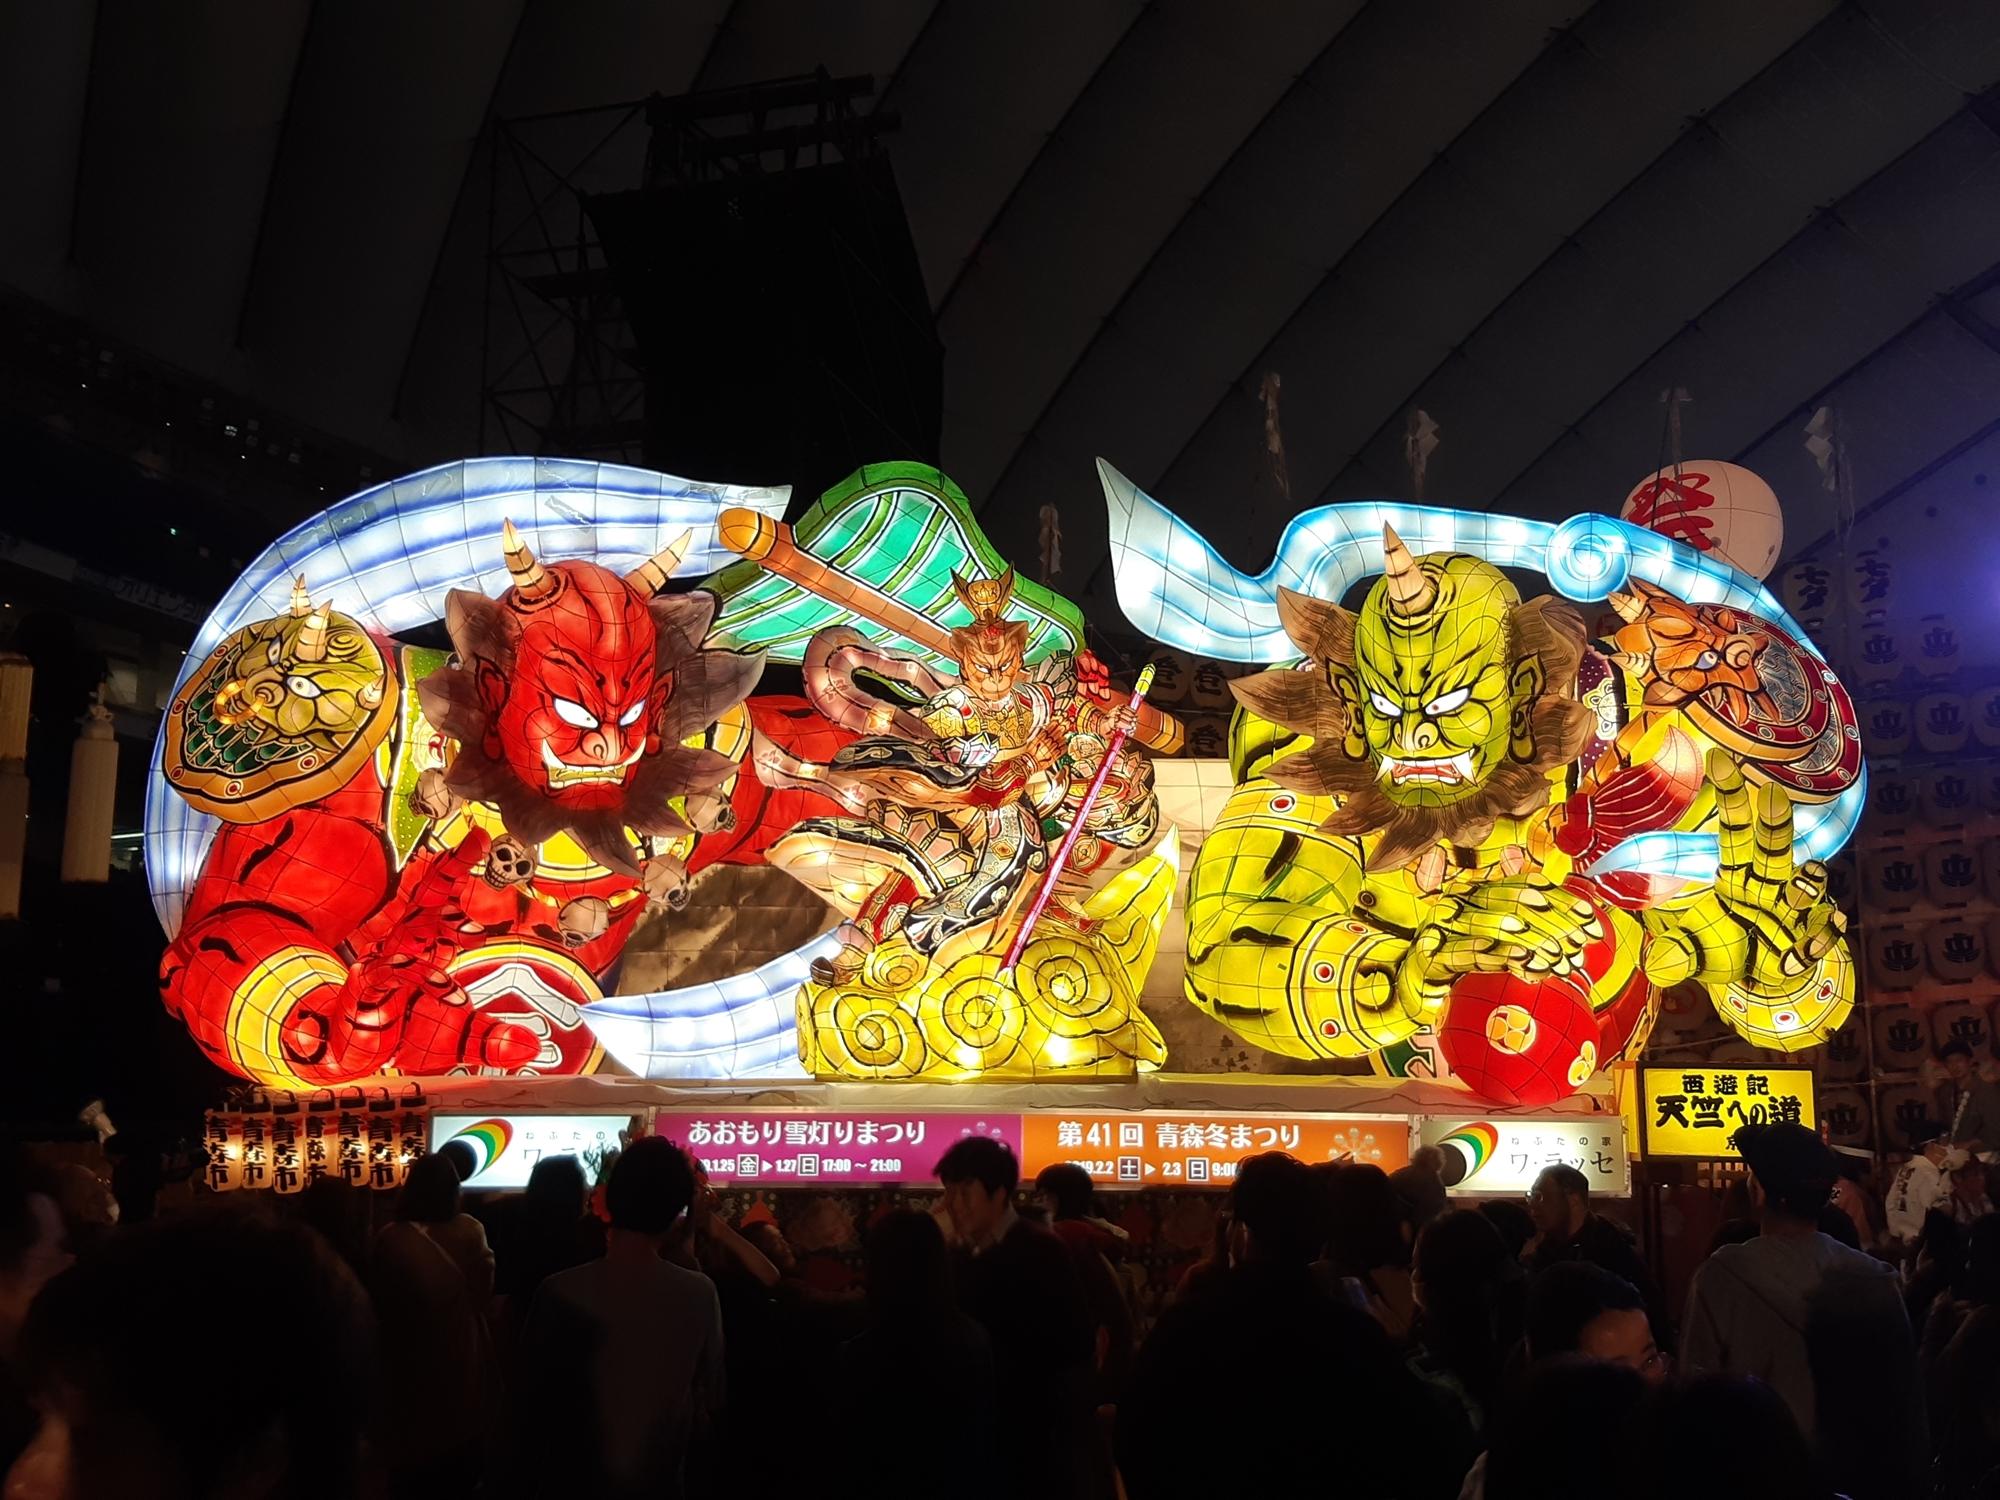 全長30m越えの「巨大龍」出現 第17回「CITTA'の夏祭り2019」